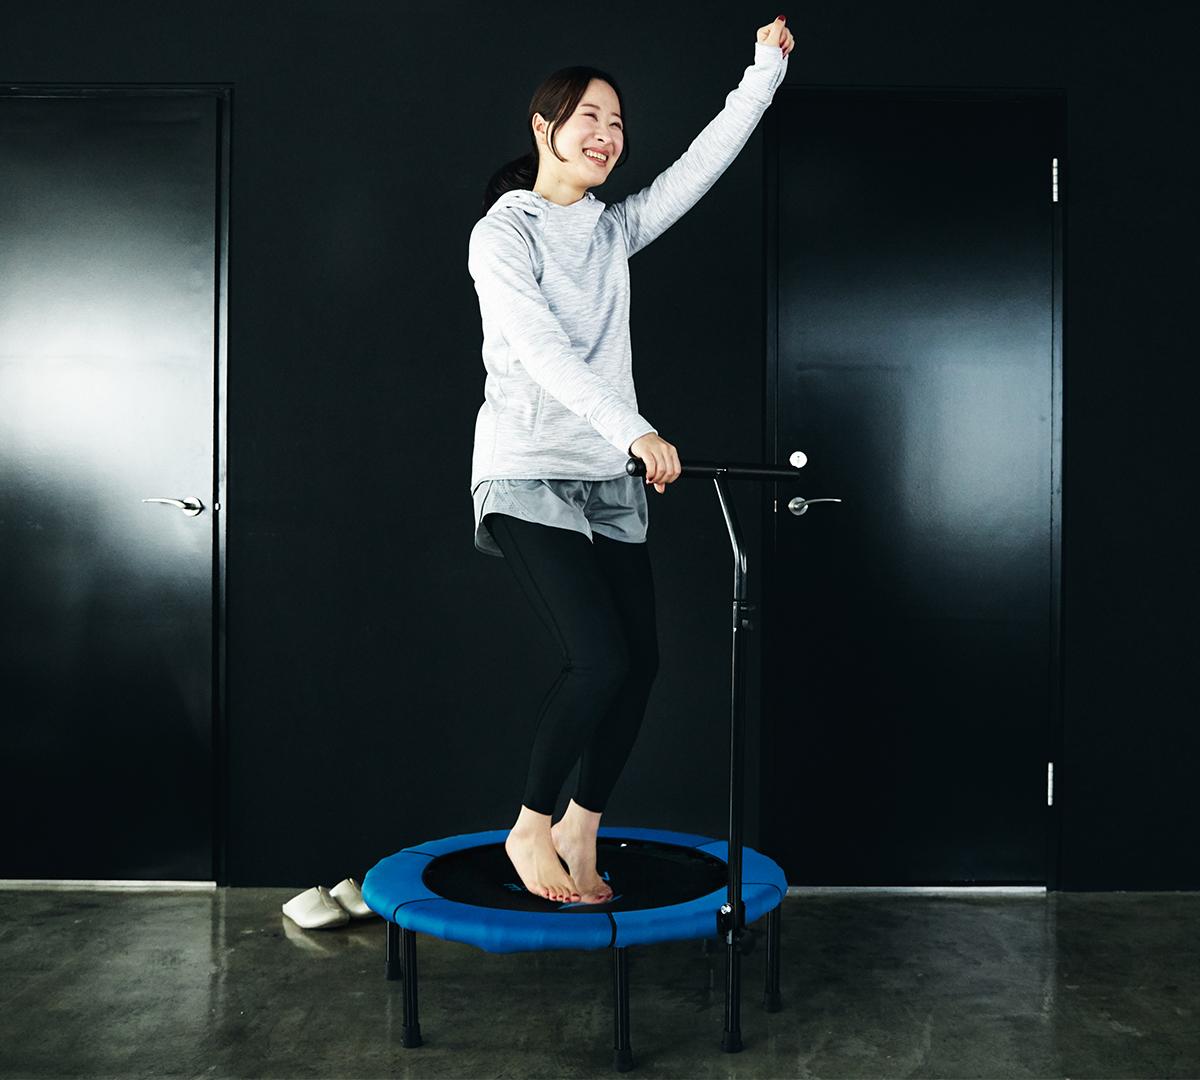 「ゴールドジム」トレーナー、浜中健次さんが監修した、基本ジャンプ4種の解説つき。ハンドルつきで安心、家で楽しくダンス感覚のトレーニングができる「トランポリン」|ハンドルつきホームジャンピング